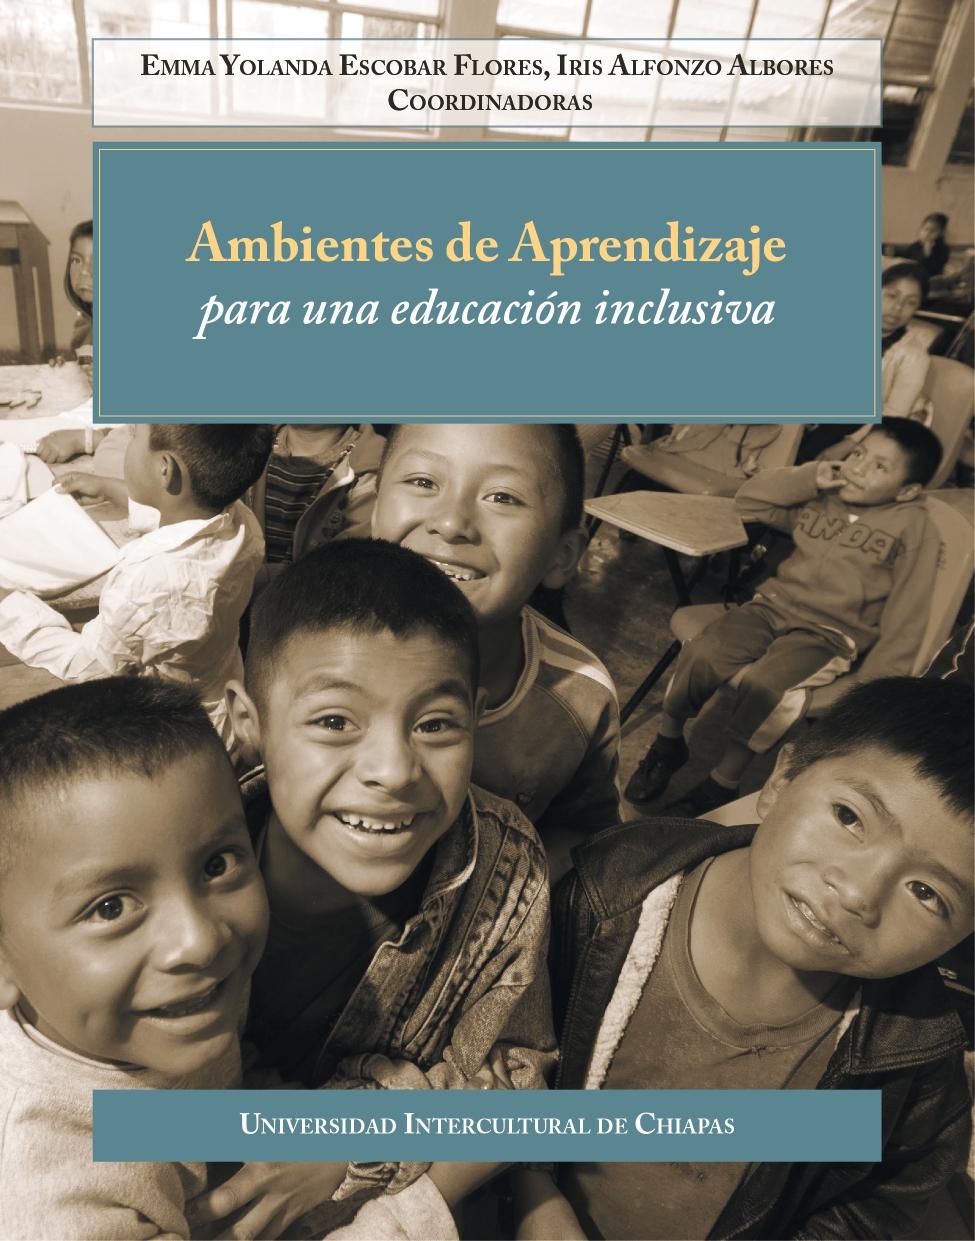 Ambientes de Aprendizaje para una educación inclusiva